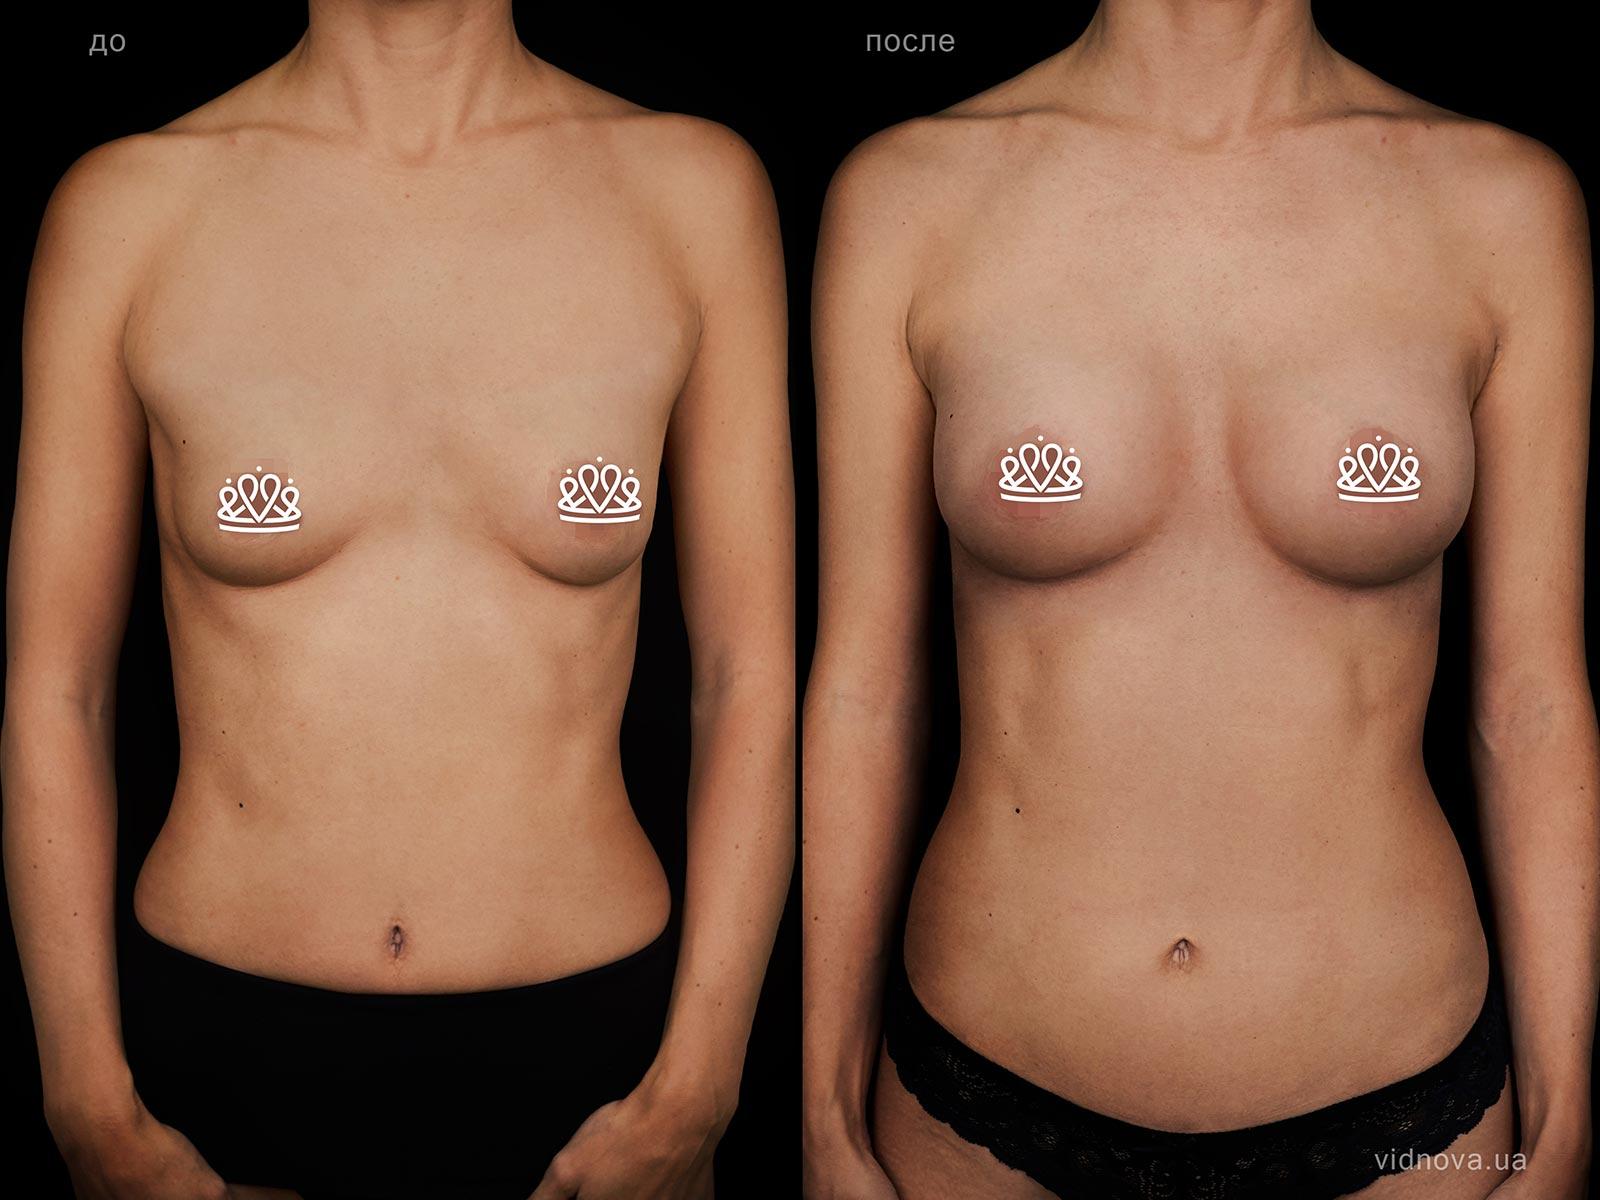 Пластика груди: результаты до и после - Пример №122-0 - Светлана Работенко